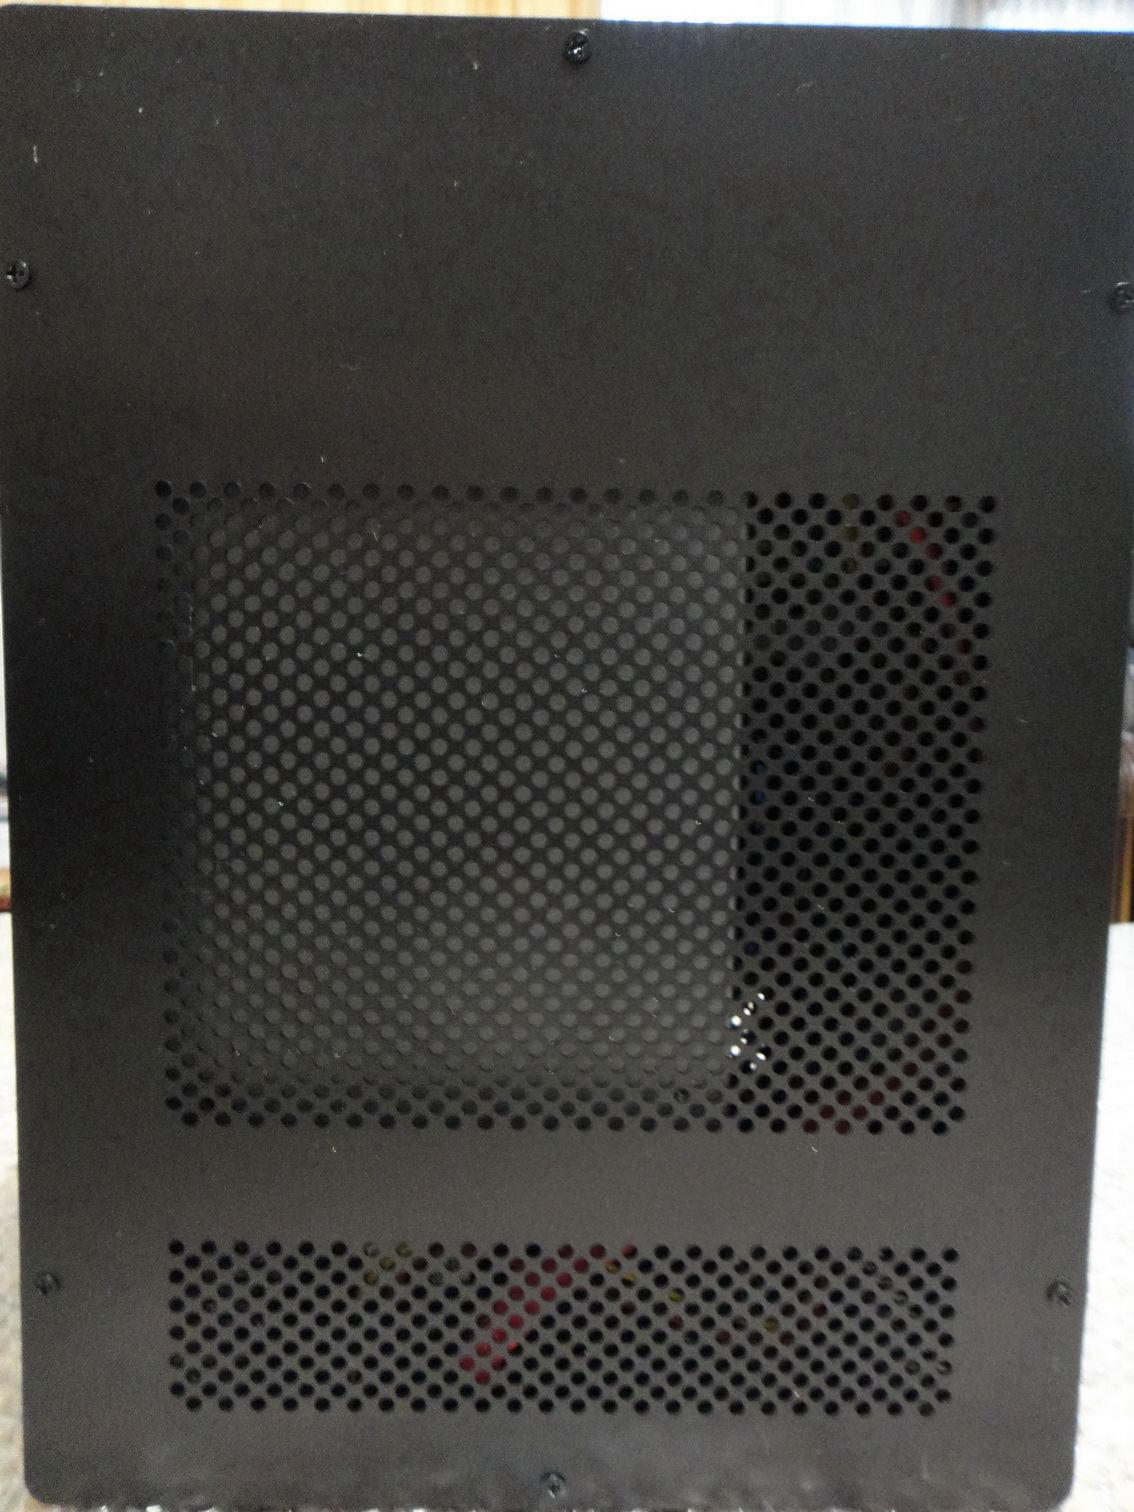 1156-ITXcomponent-15